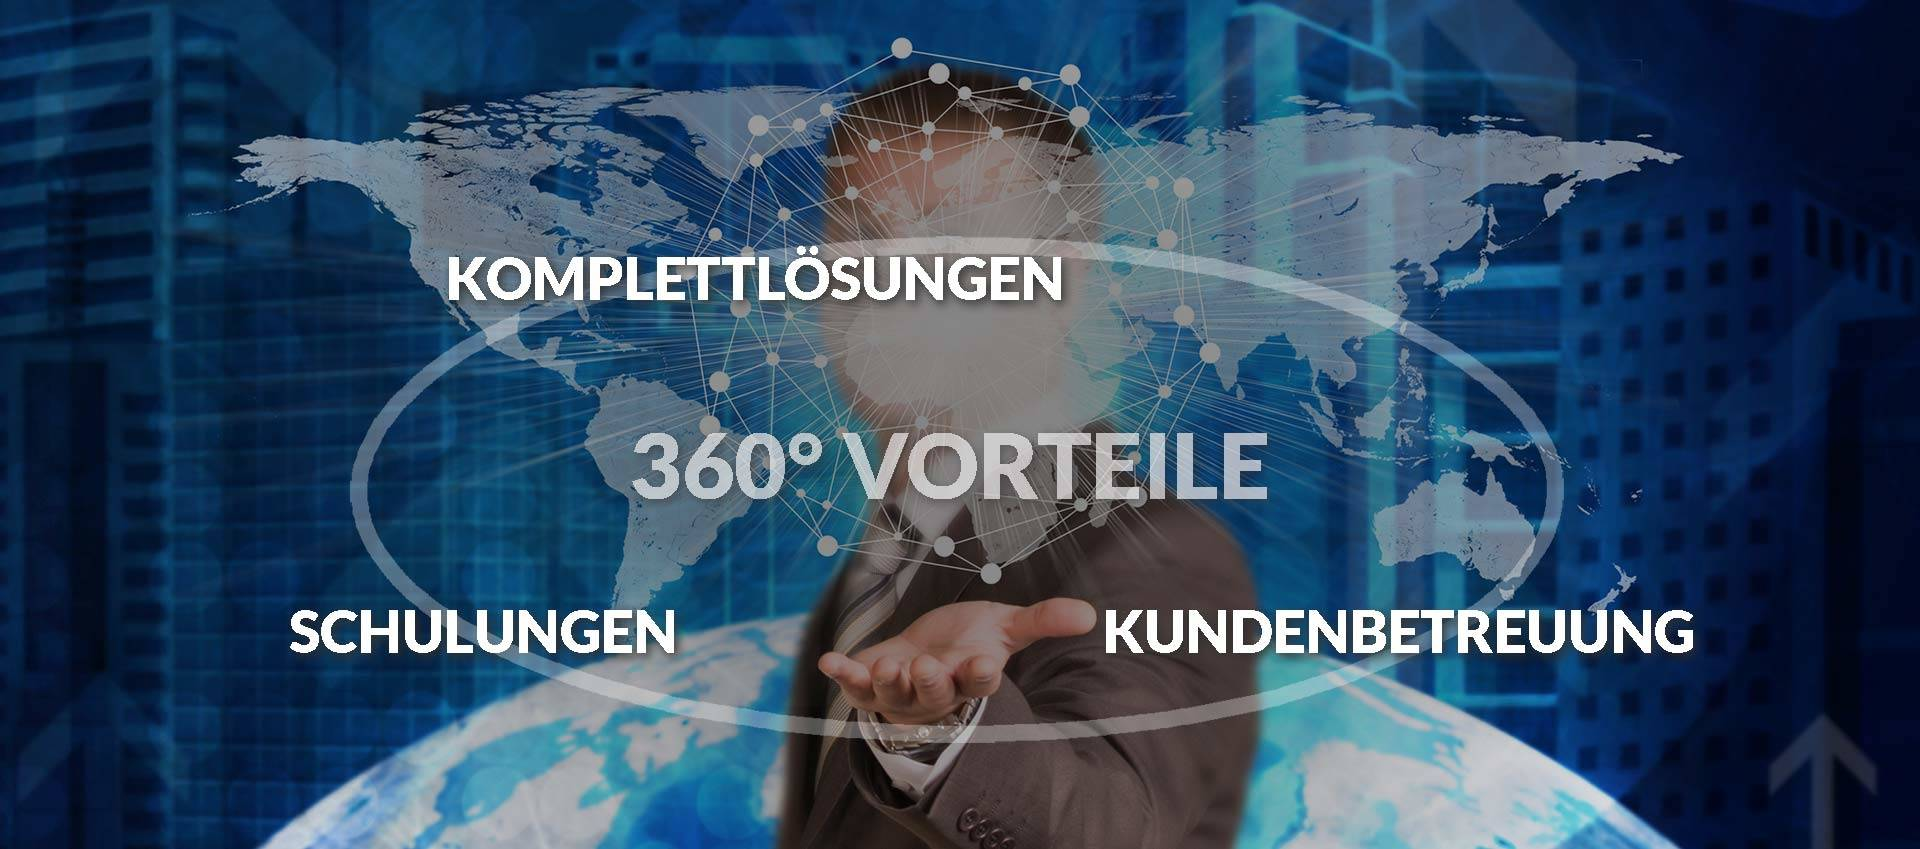 360 Vorteile 1 - Unternehmen